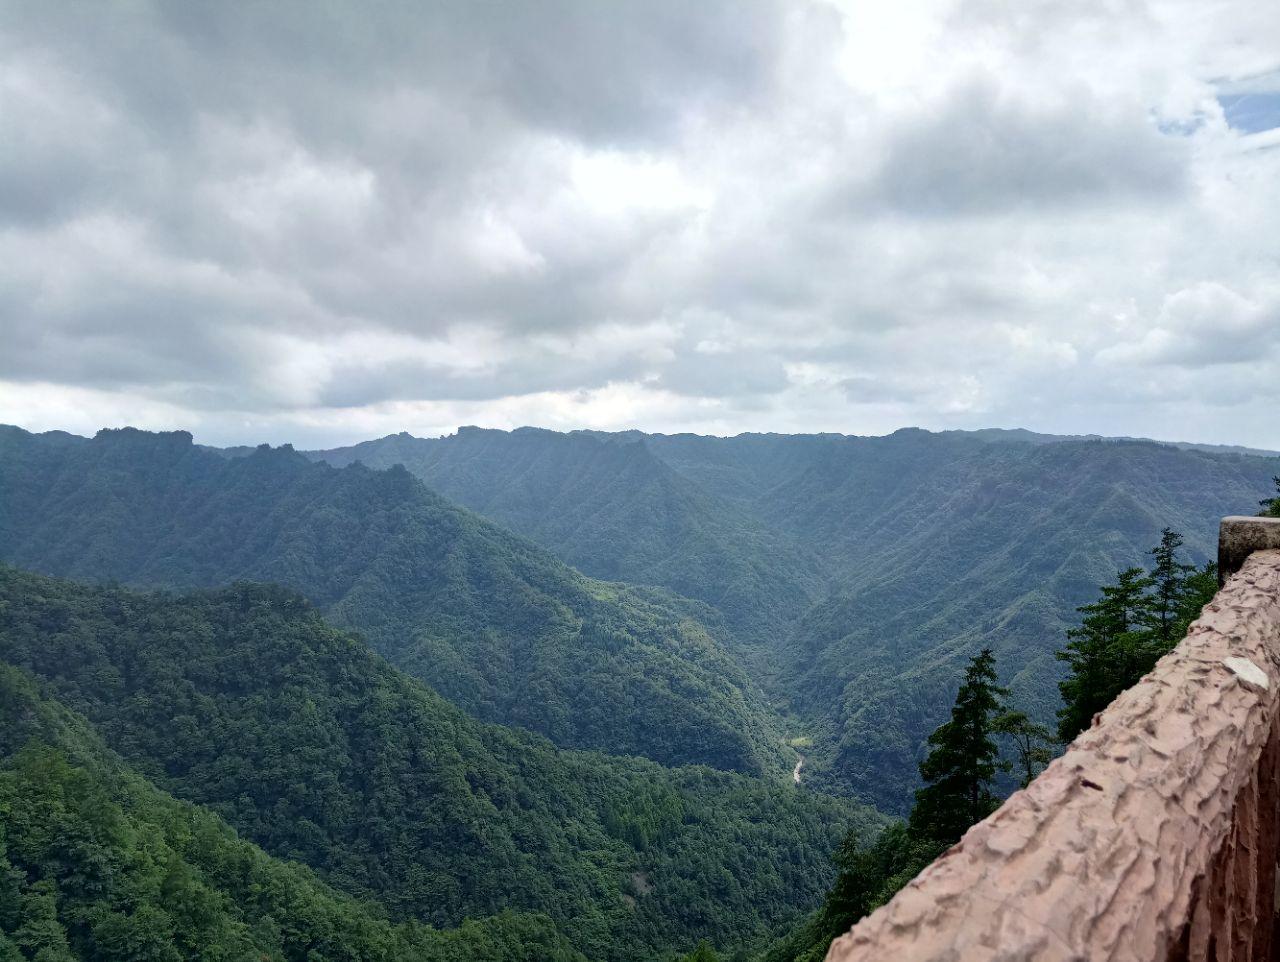 大风堡景区位于重庆东部三峡库区腹心地带的石柱土家族自治县黄水镇,是重庆市三峡库区面积较大、保存完好的原始森林之一,其主峰海拔1934米,属巫山山系,是石柱县最高峰和重庆市东部最高山峰,素有渝东明珠和渝东第一峰的美誉。因山高林密,常年大风呼啸,故名大风堡。 从黄水镇出发进入大风堡,沿着景区公路可走到十二姐妹峰观景台,登台四望,十二座神态各异的山峰 , 形如十二位婀娜多姿的仙女,这就是景象万千的十二姊妹峰。大风堡原始森林野生植物资源极为丰富,有珍稀动物100多种,珍稀植物上千种,仿佛一座自然博物